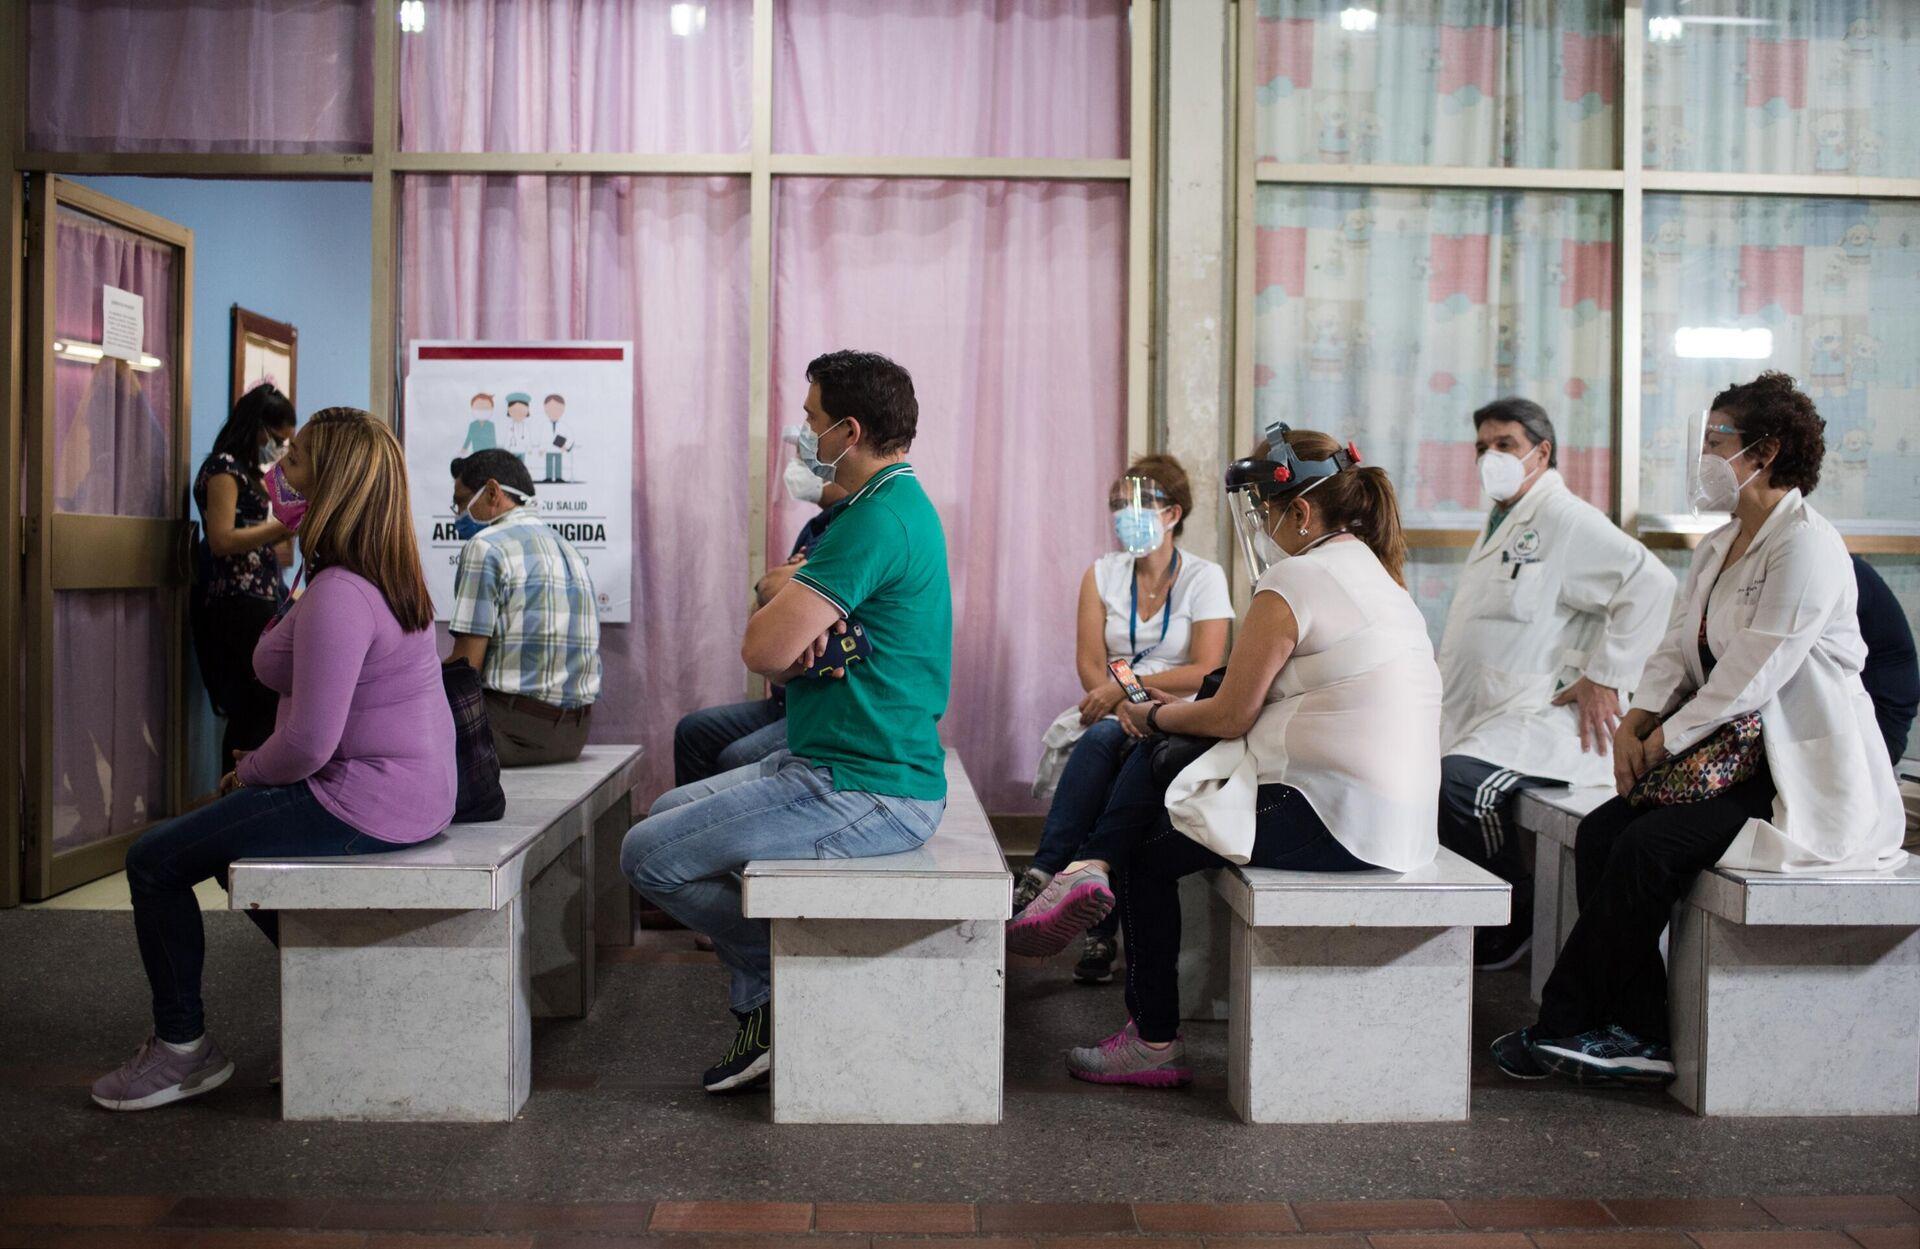 Pacientes esperan para ser vacunados con una dosis de Sputnik V en Caracas, Venezuela - Sputnik Mundo, 1920, 23.02.2021